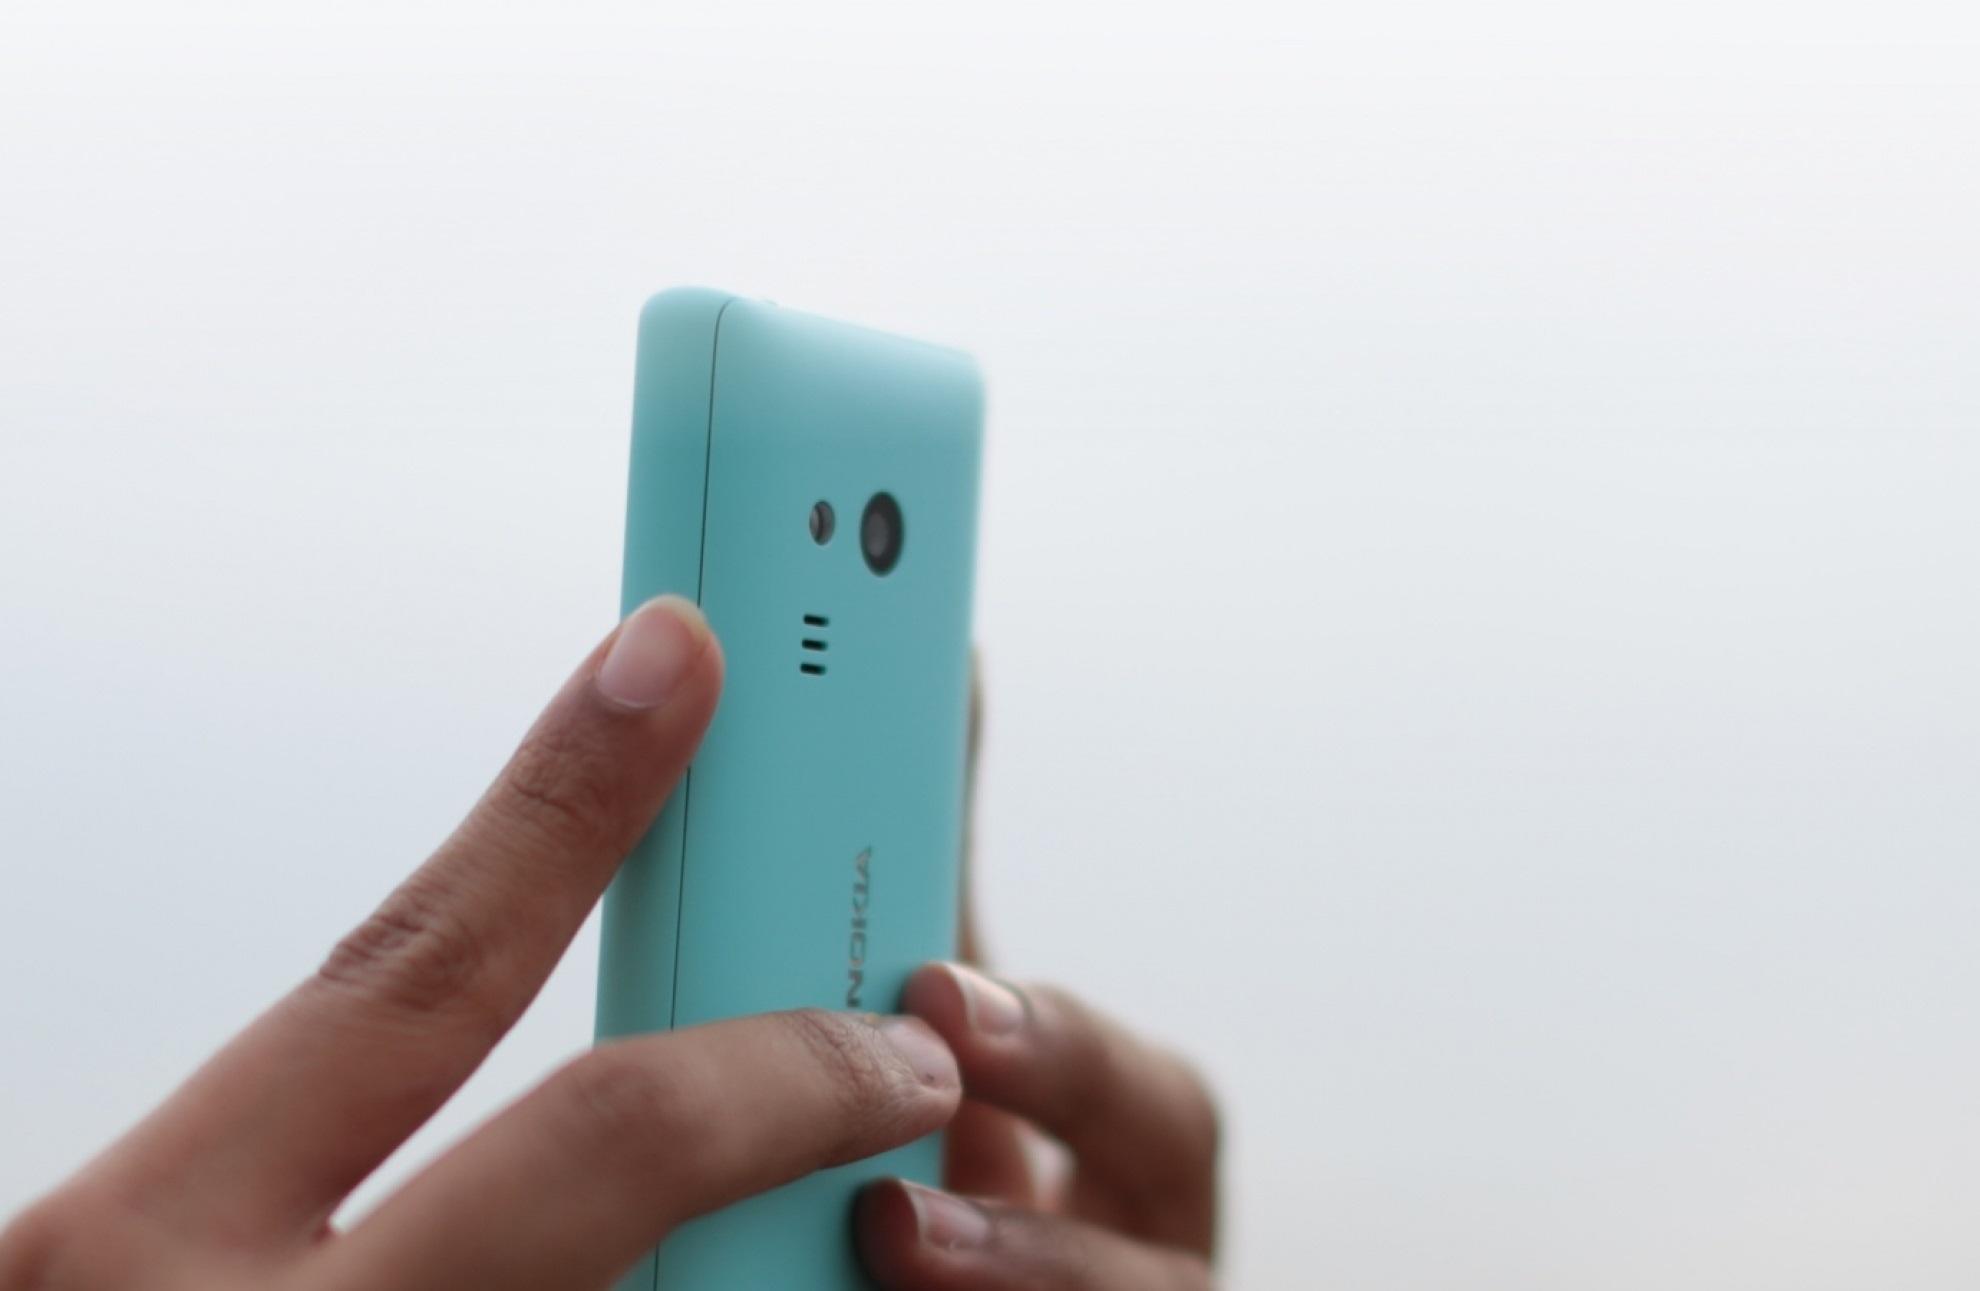 Les smartphones Nokia de 2017 ne feront pas la course aux caractéristiques techniques